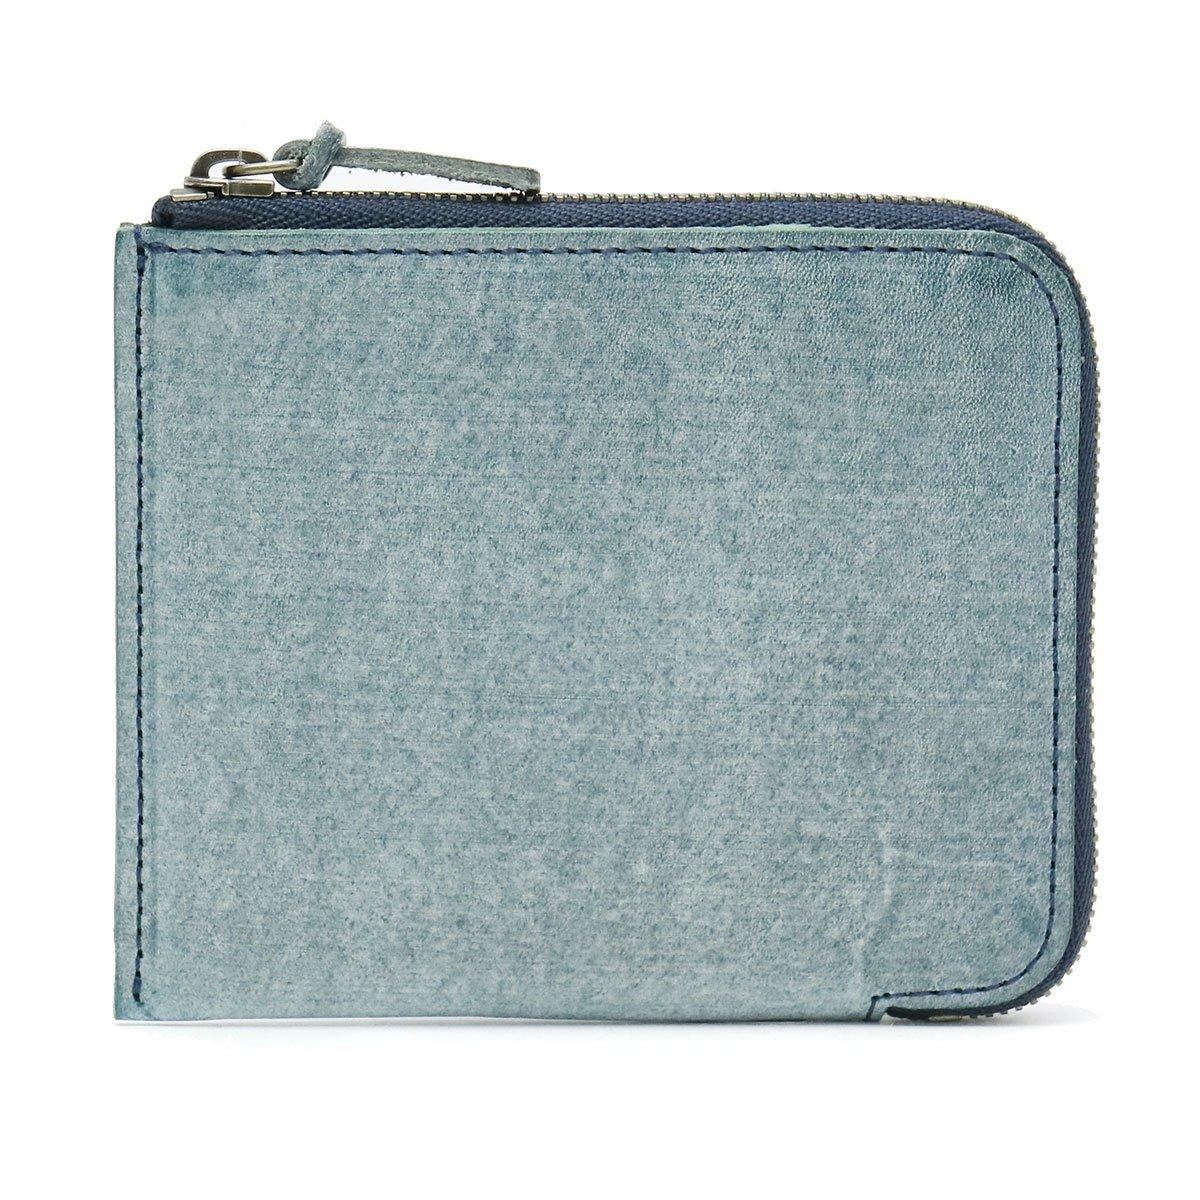 [ポーター]PORTER ウォール WALL 財布 015-03418 B004C5WAJS ブルー ブルー